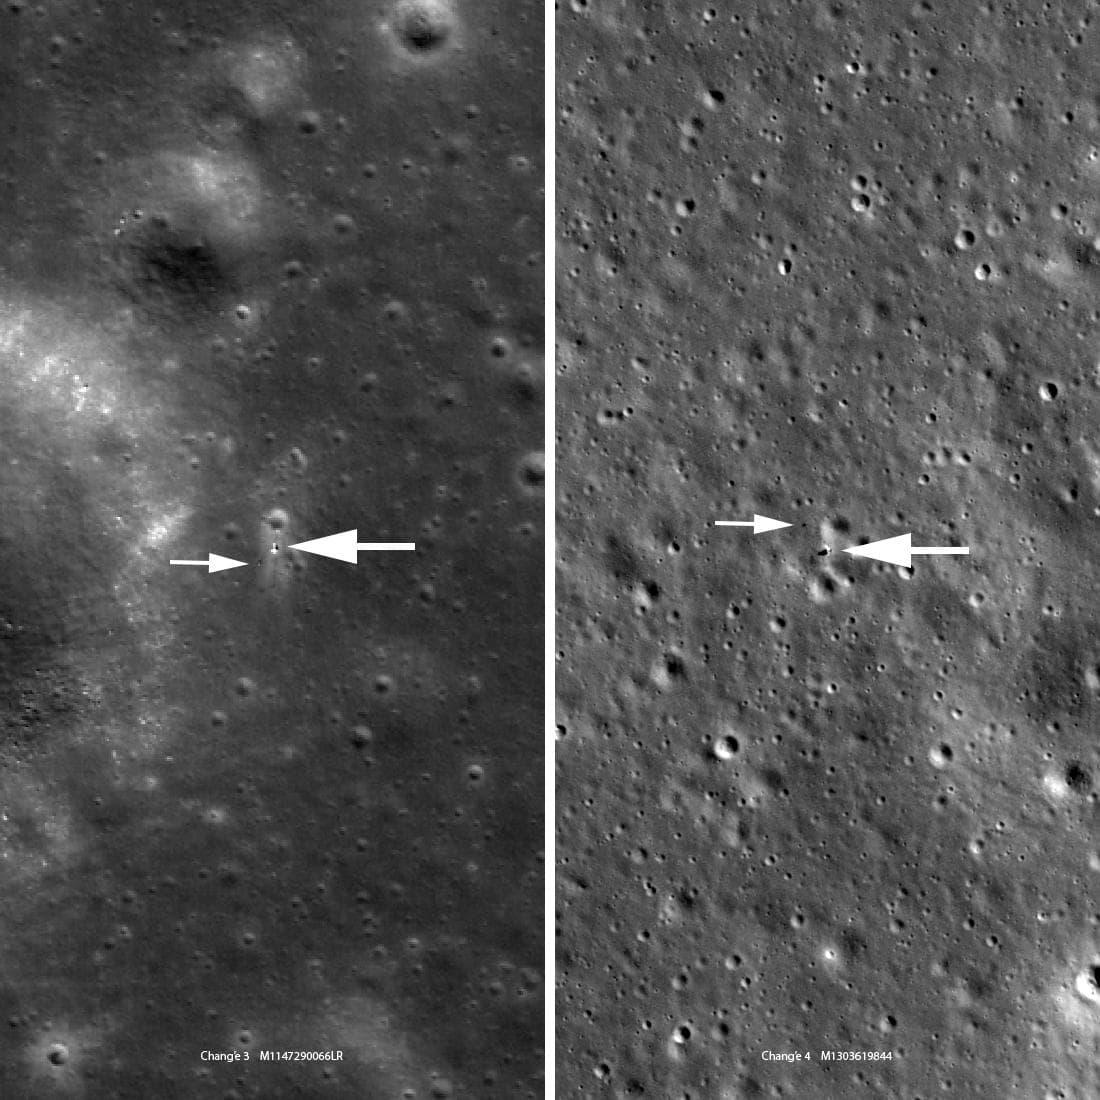 луноход фото на луне место посадки икона пришло